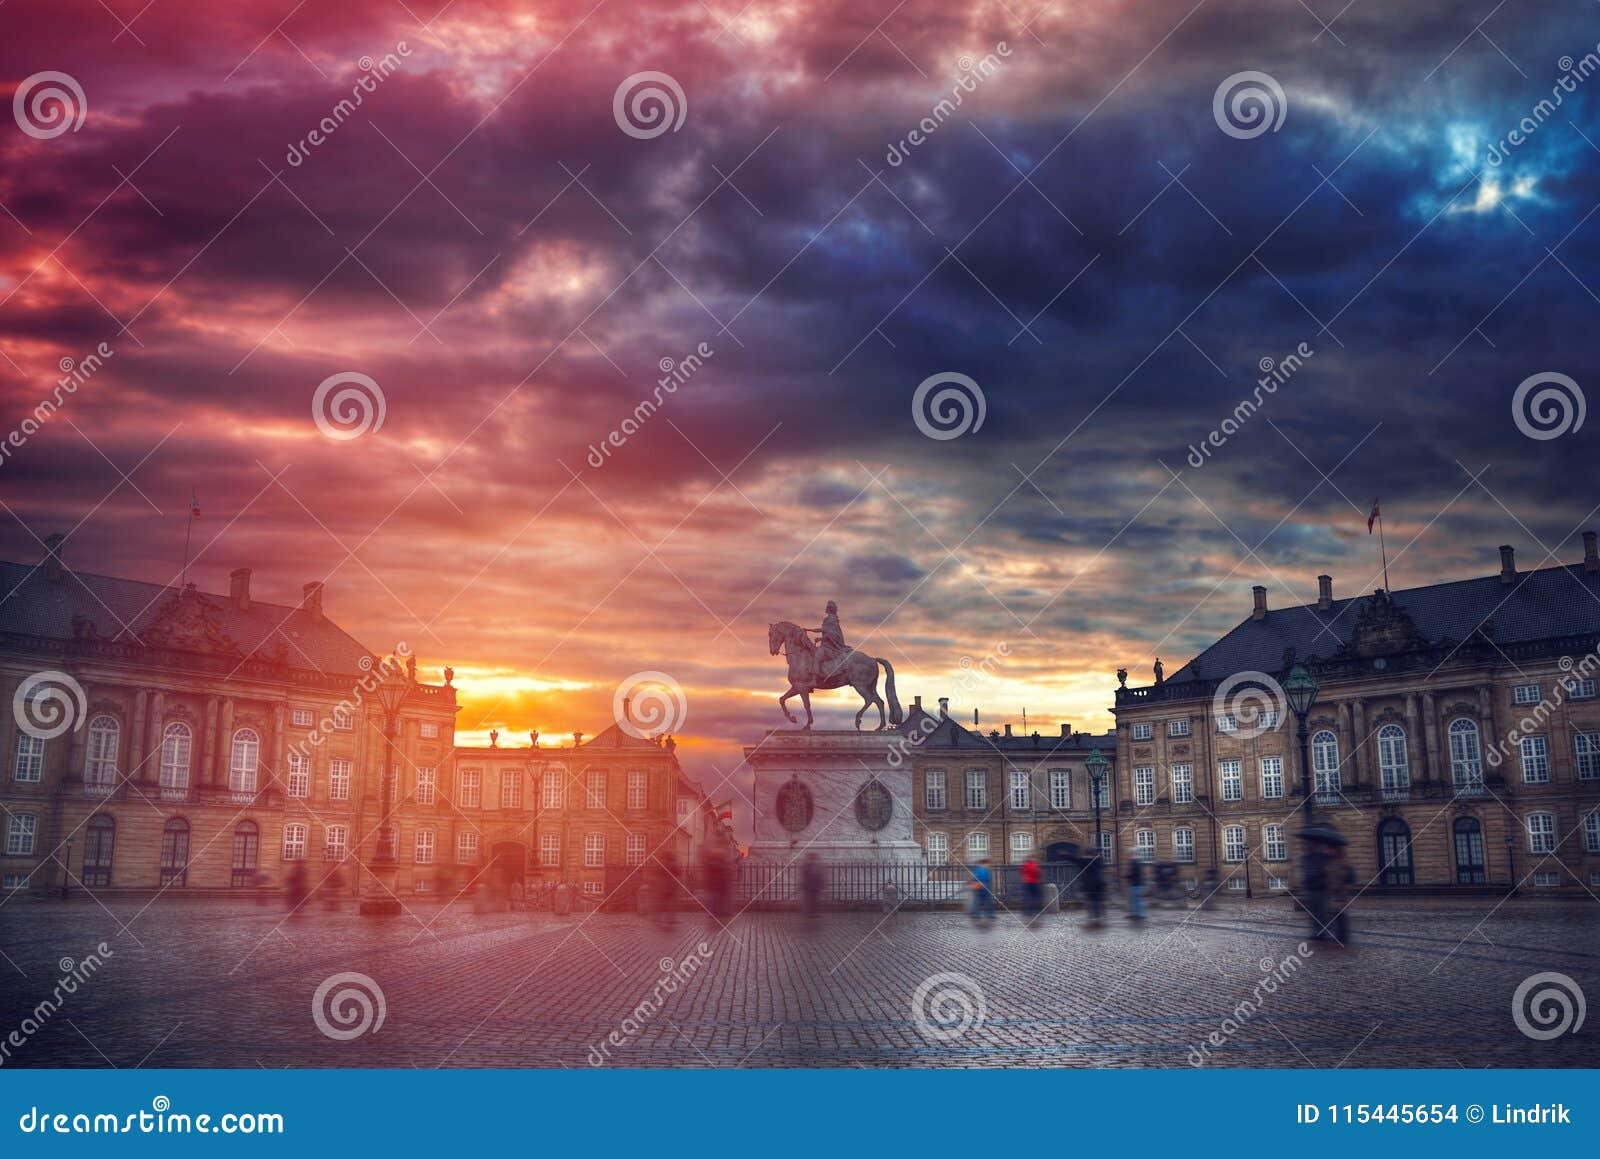 Βασιλικό παλάτι Amalienborg στην Κοπεγχάγη